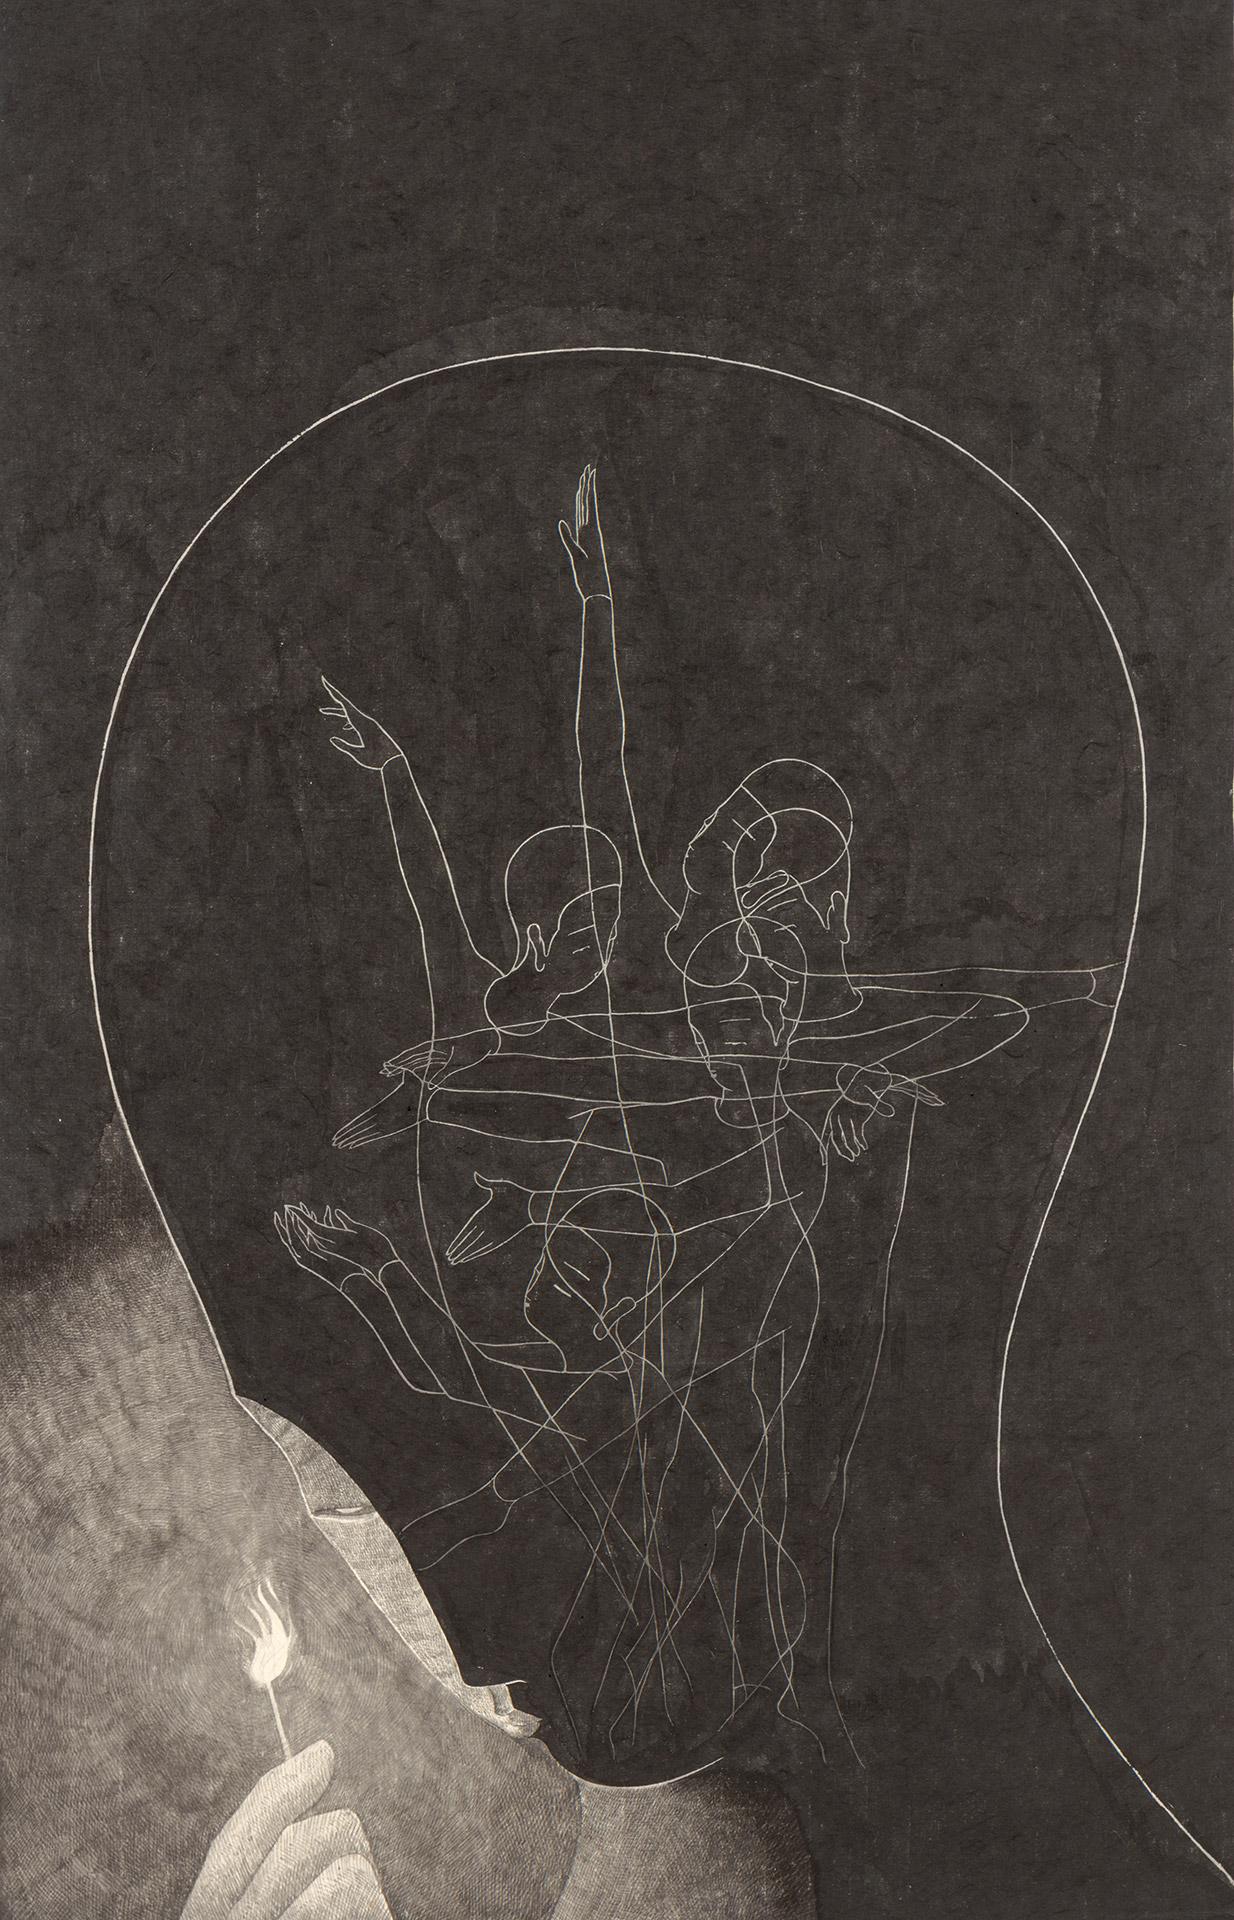 마음의 불꽃 /  Mind like fire   Op. 0206P -48 x 72 cm,Korean ink on Korean paper, 2018